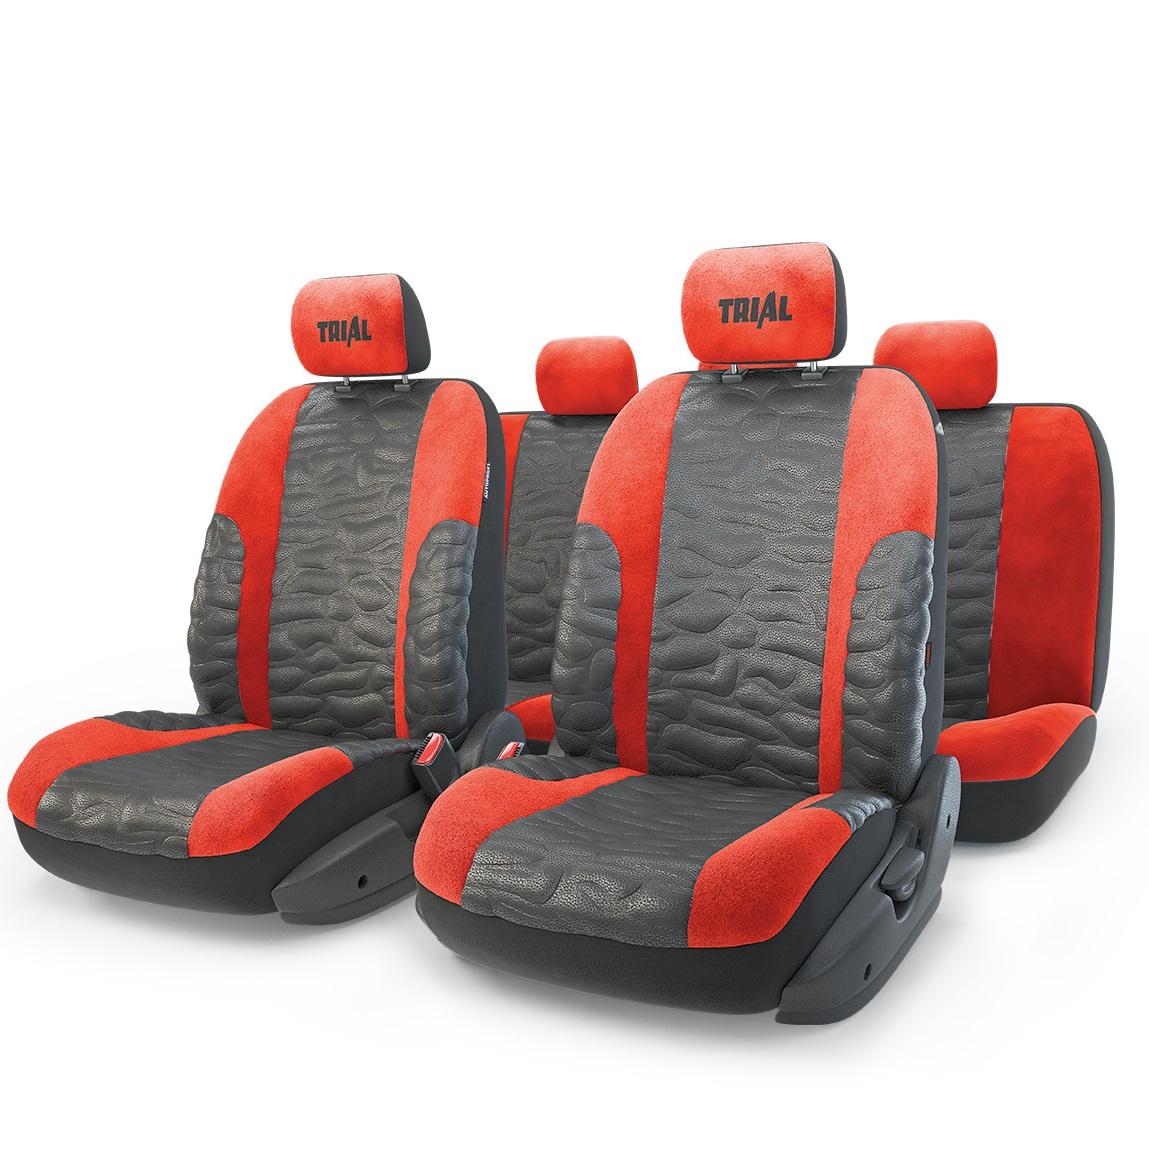 Чехол на сиденье Autoprofi Trl-1105 bk/rd (m) авточехлы autoprofi matrix формованный велюр 11 предметов чёрный красный размер м mtx 1105 bk rd m